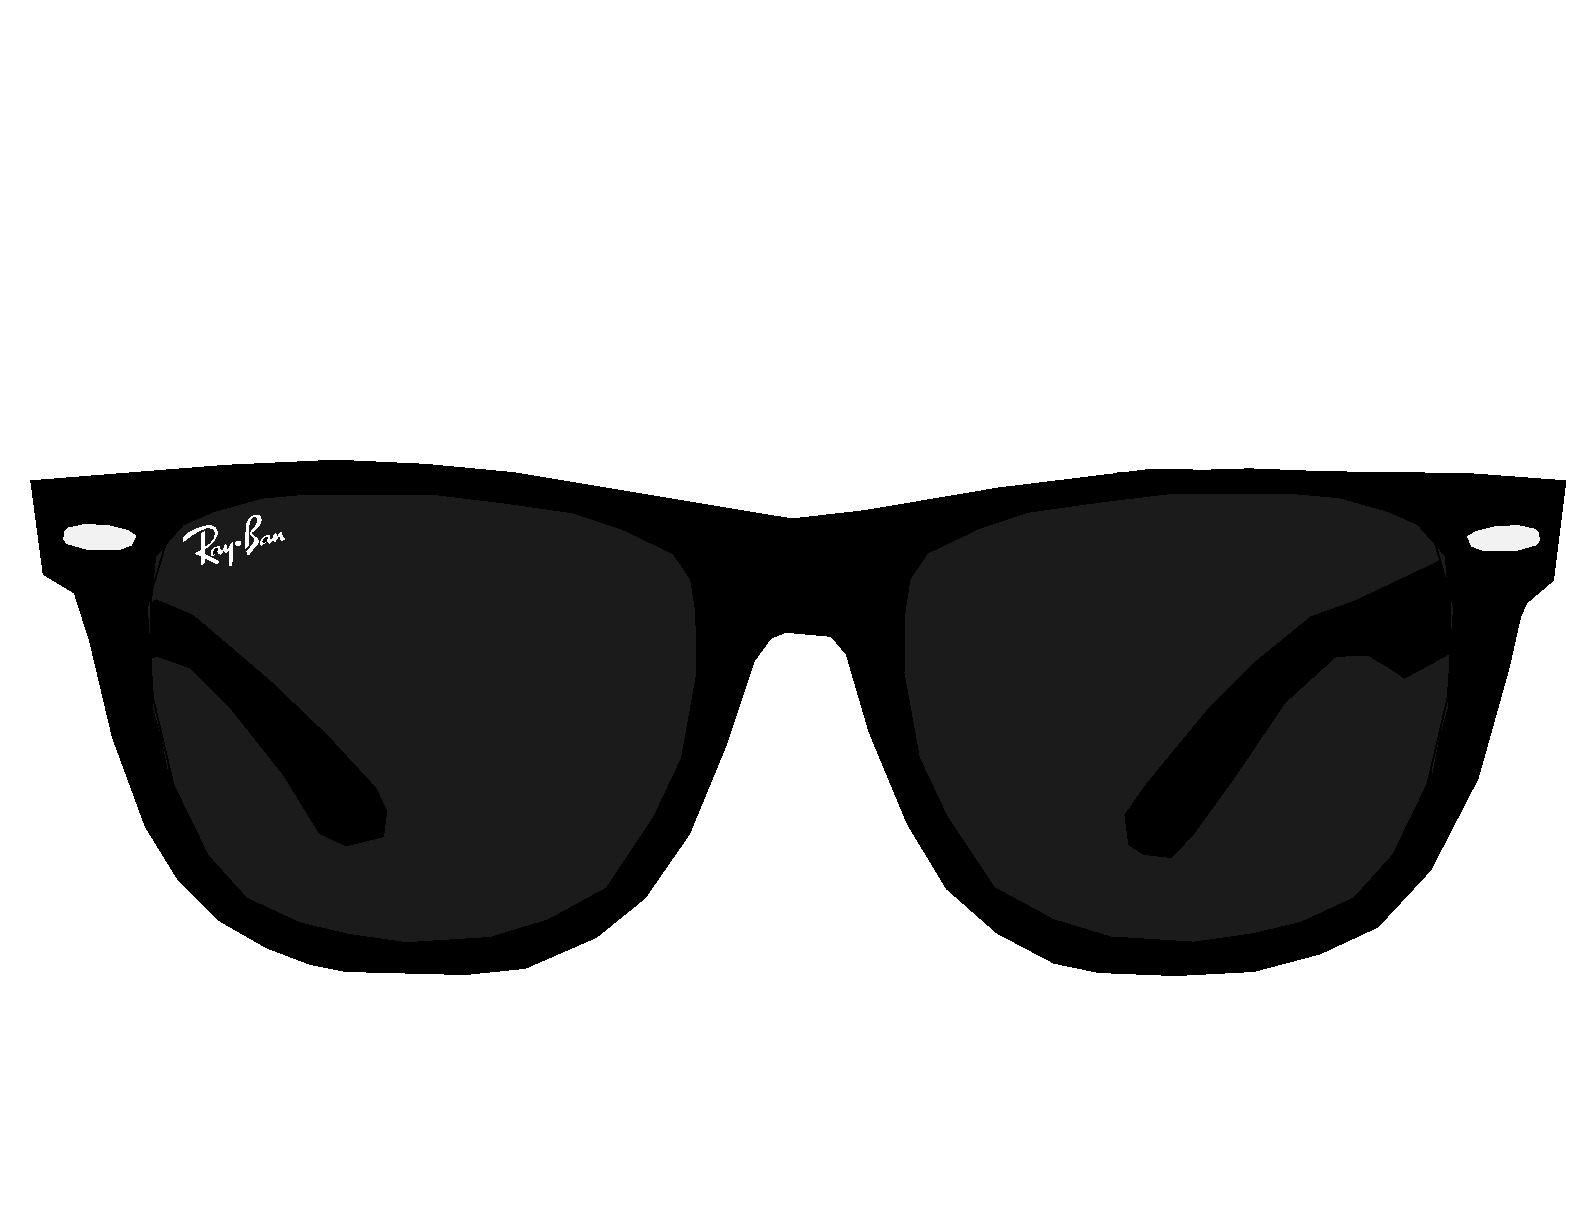 Sunglasses Glasses Clip Art 4 Clipartwiz In 2020 Sunglasses Ray Ban Sunglasses Outlet Fashion Sunglasses